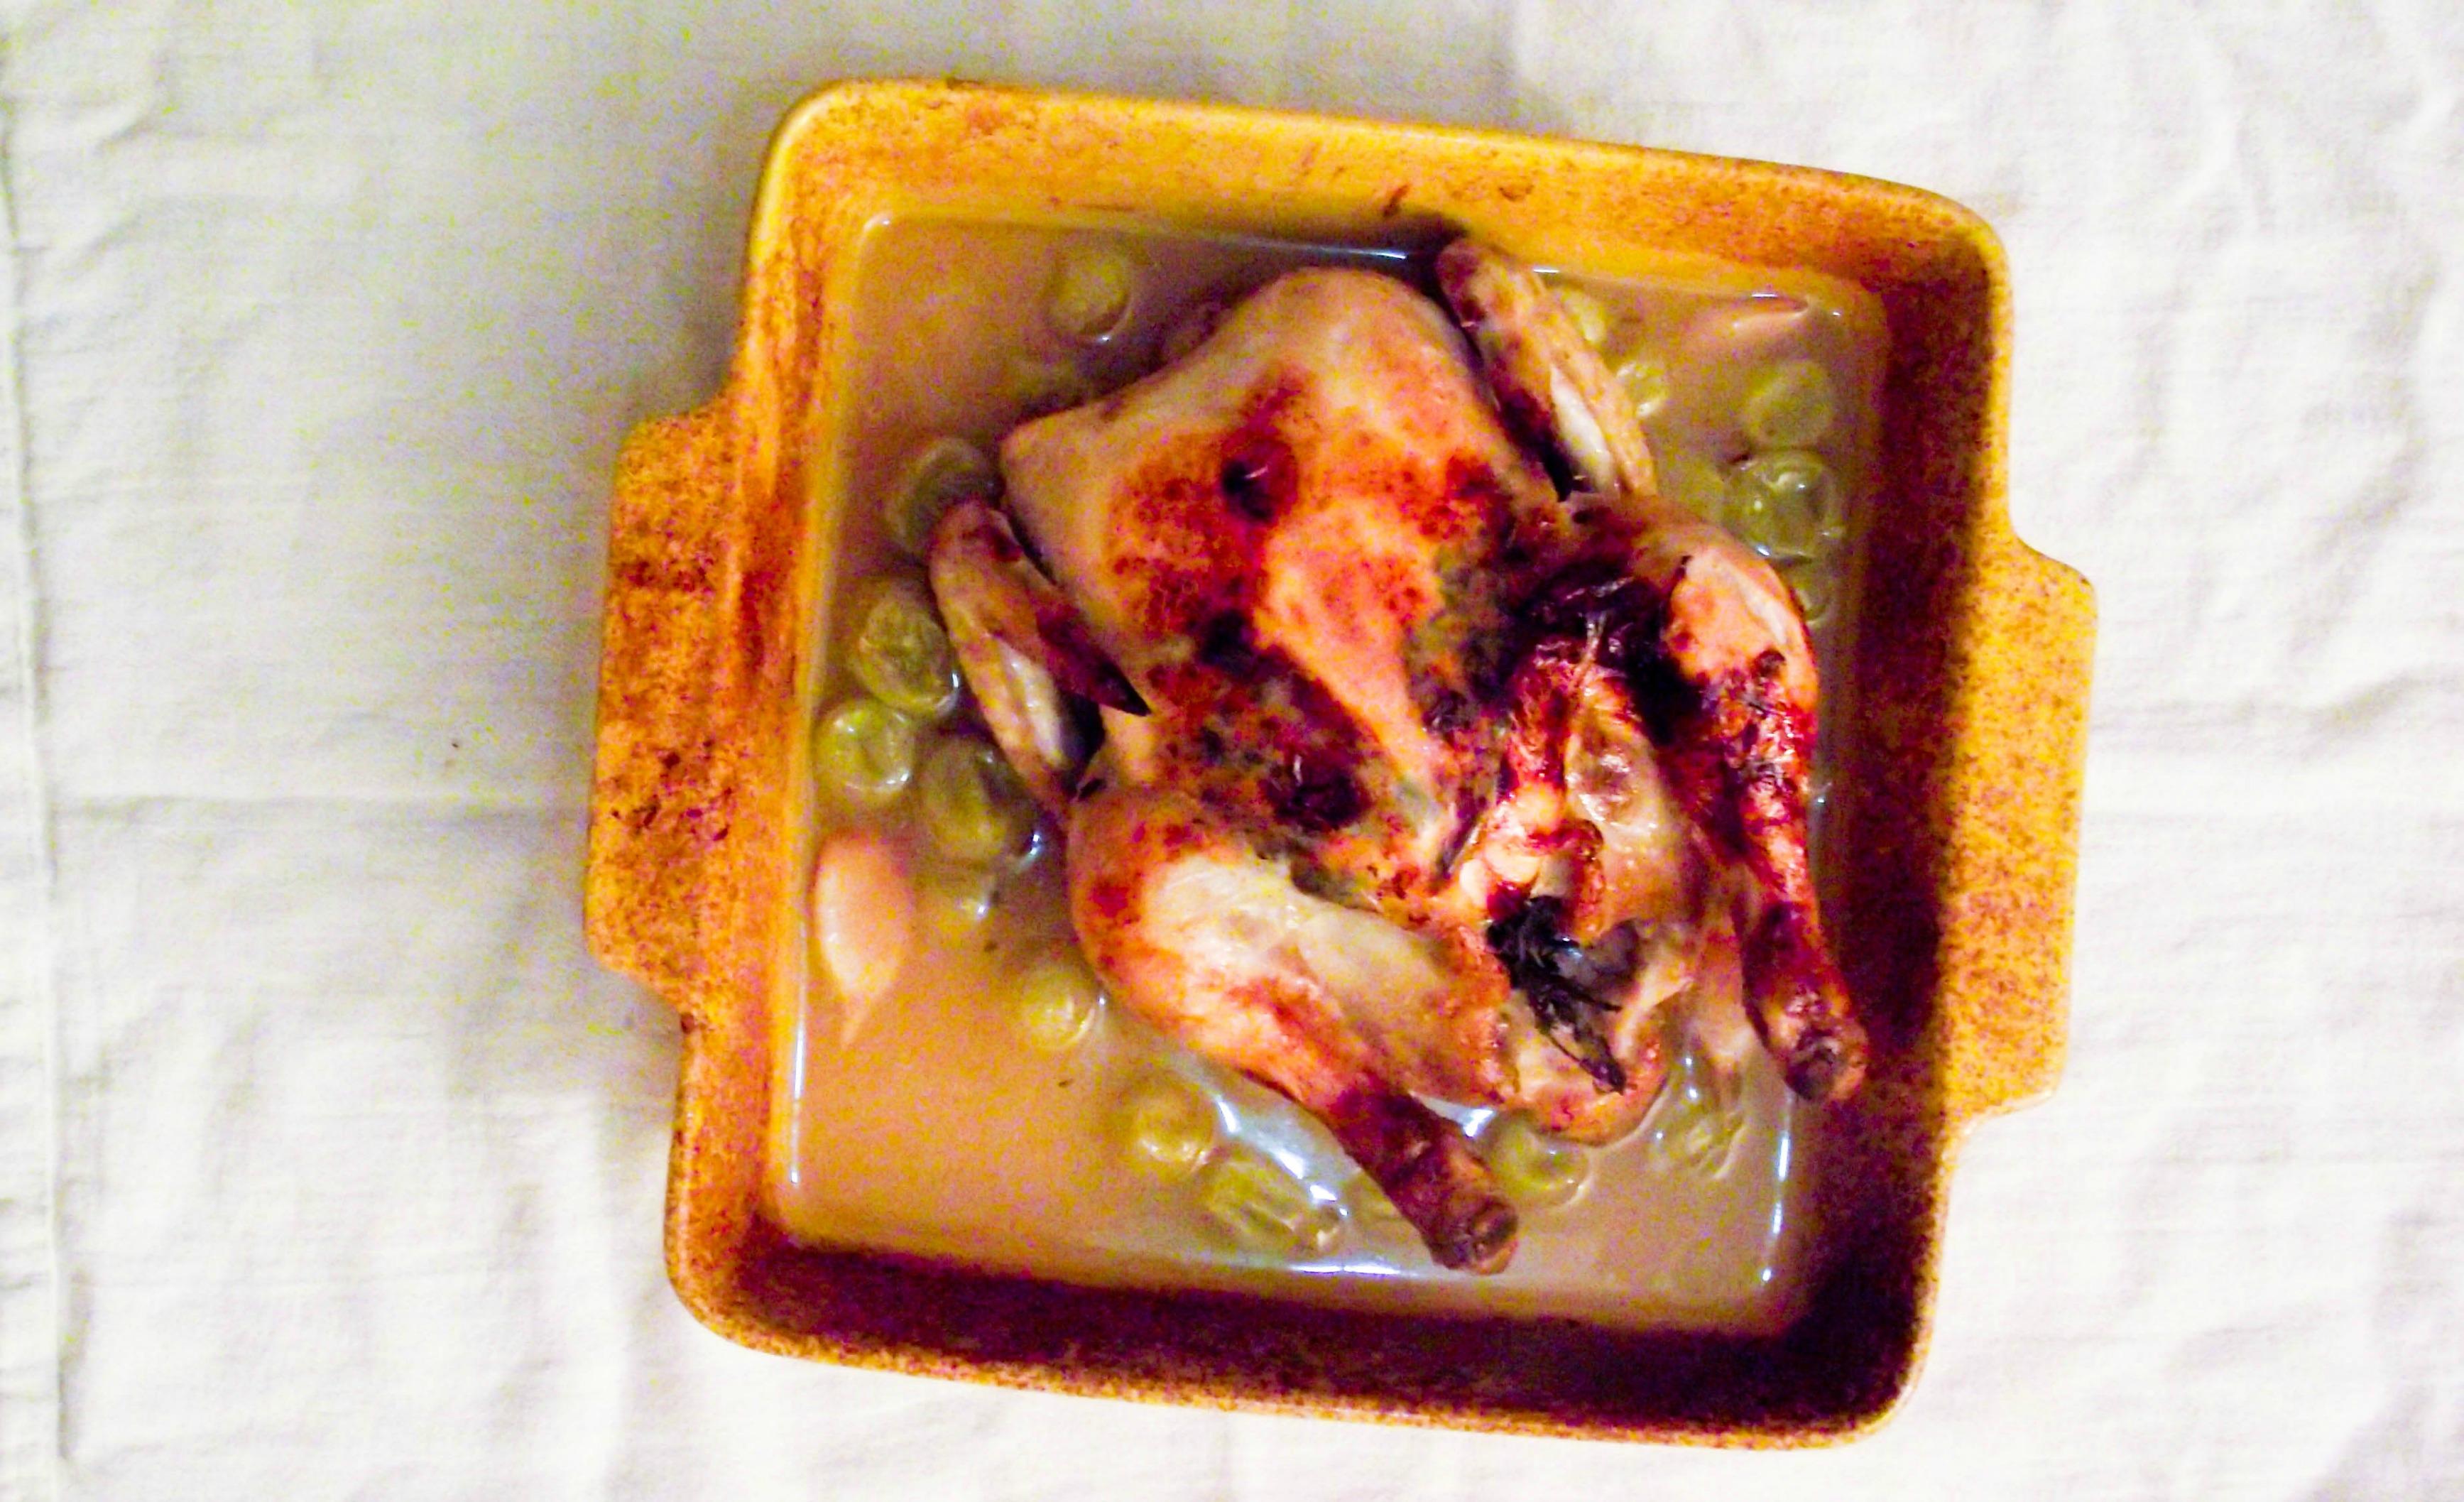 Poulet rôti au muscat et aux raisins & les traditions